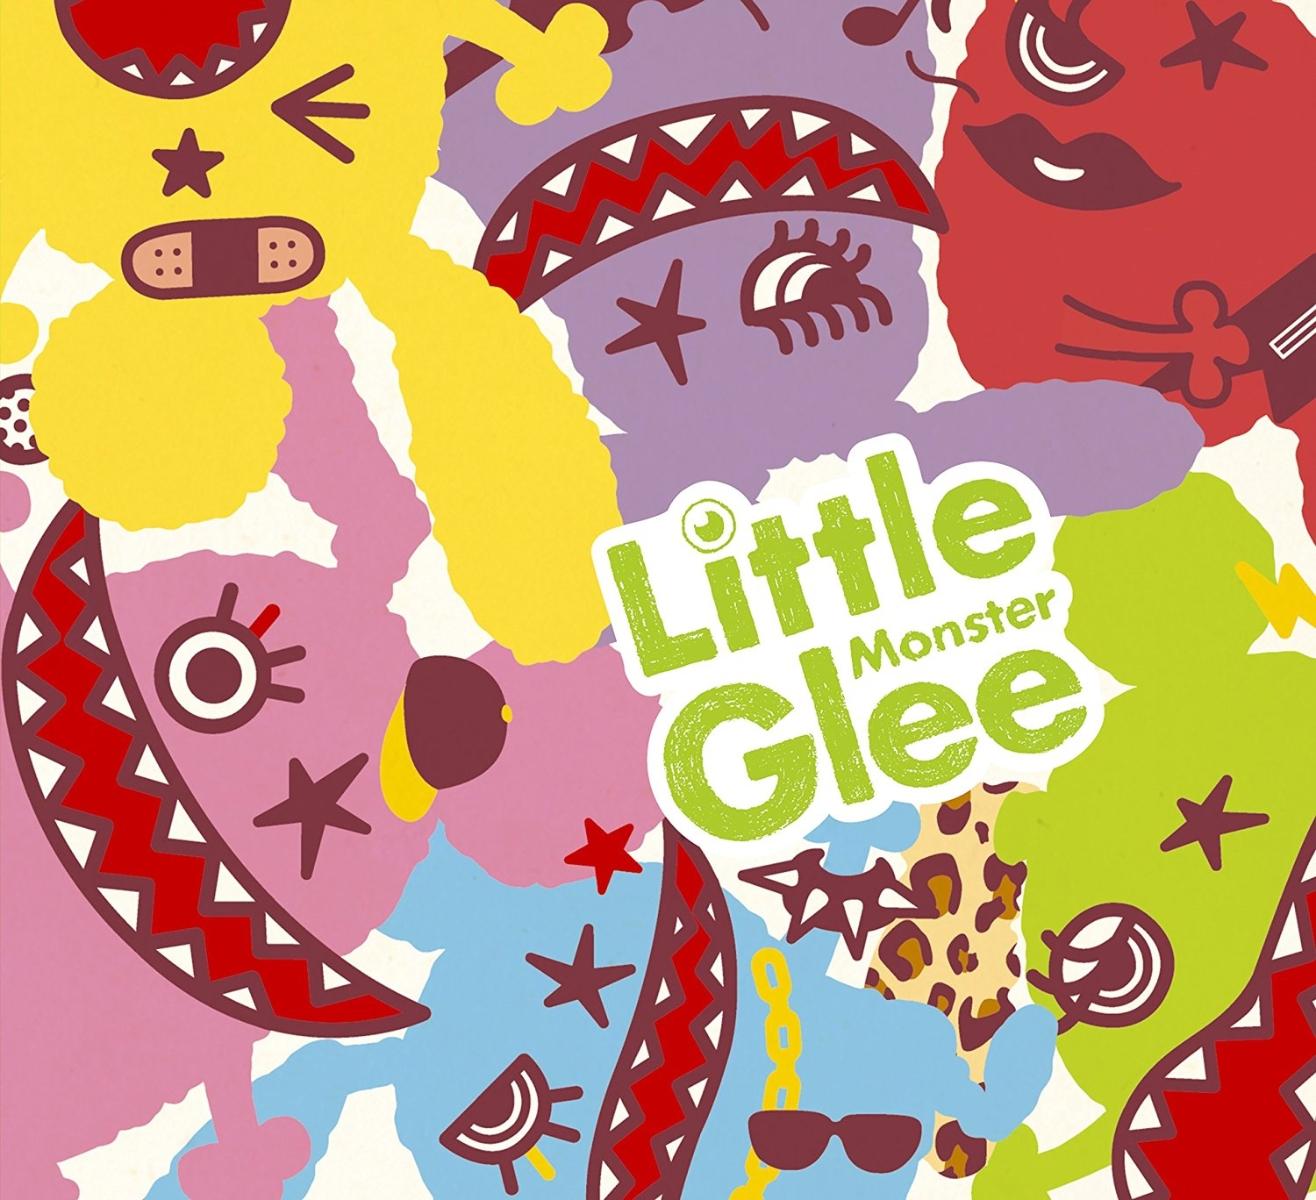 Little Glee Monsterの画像 p1_29